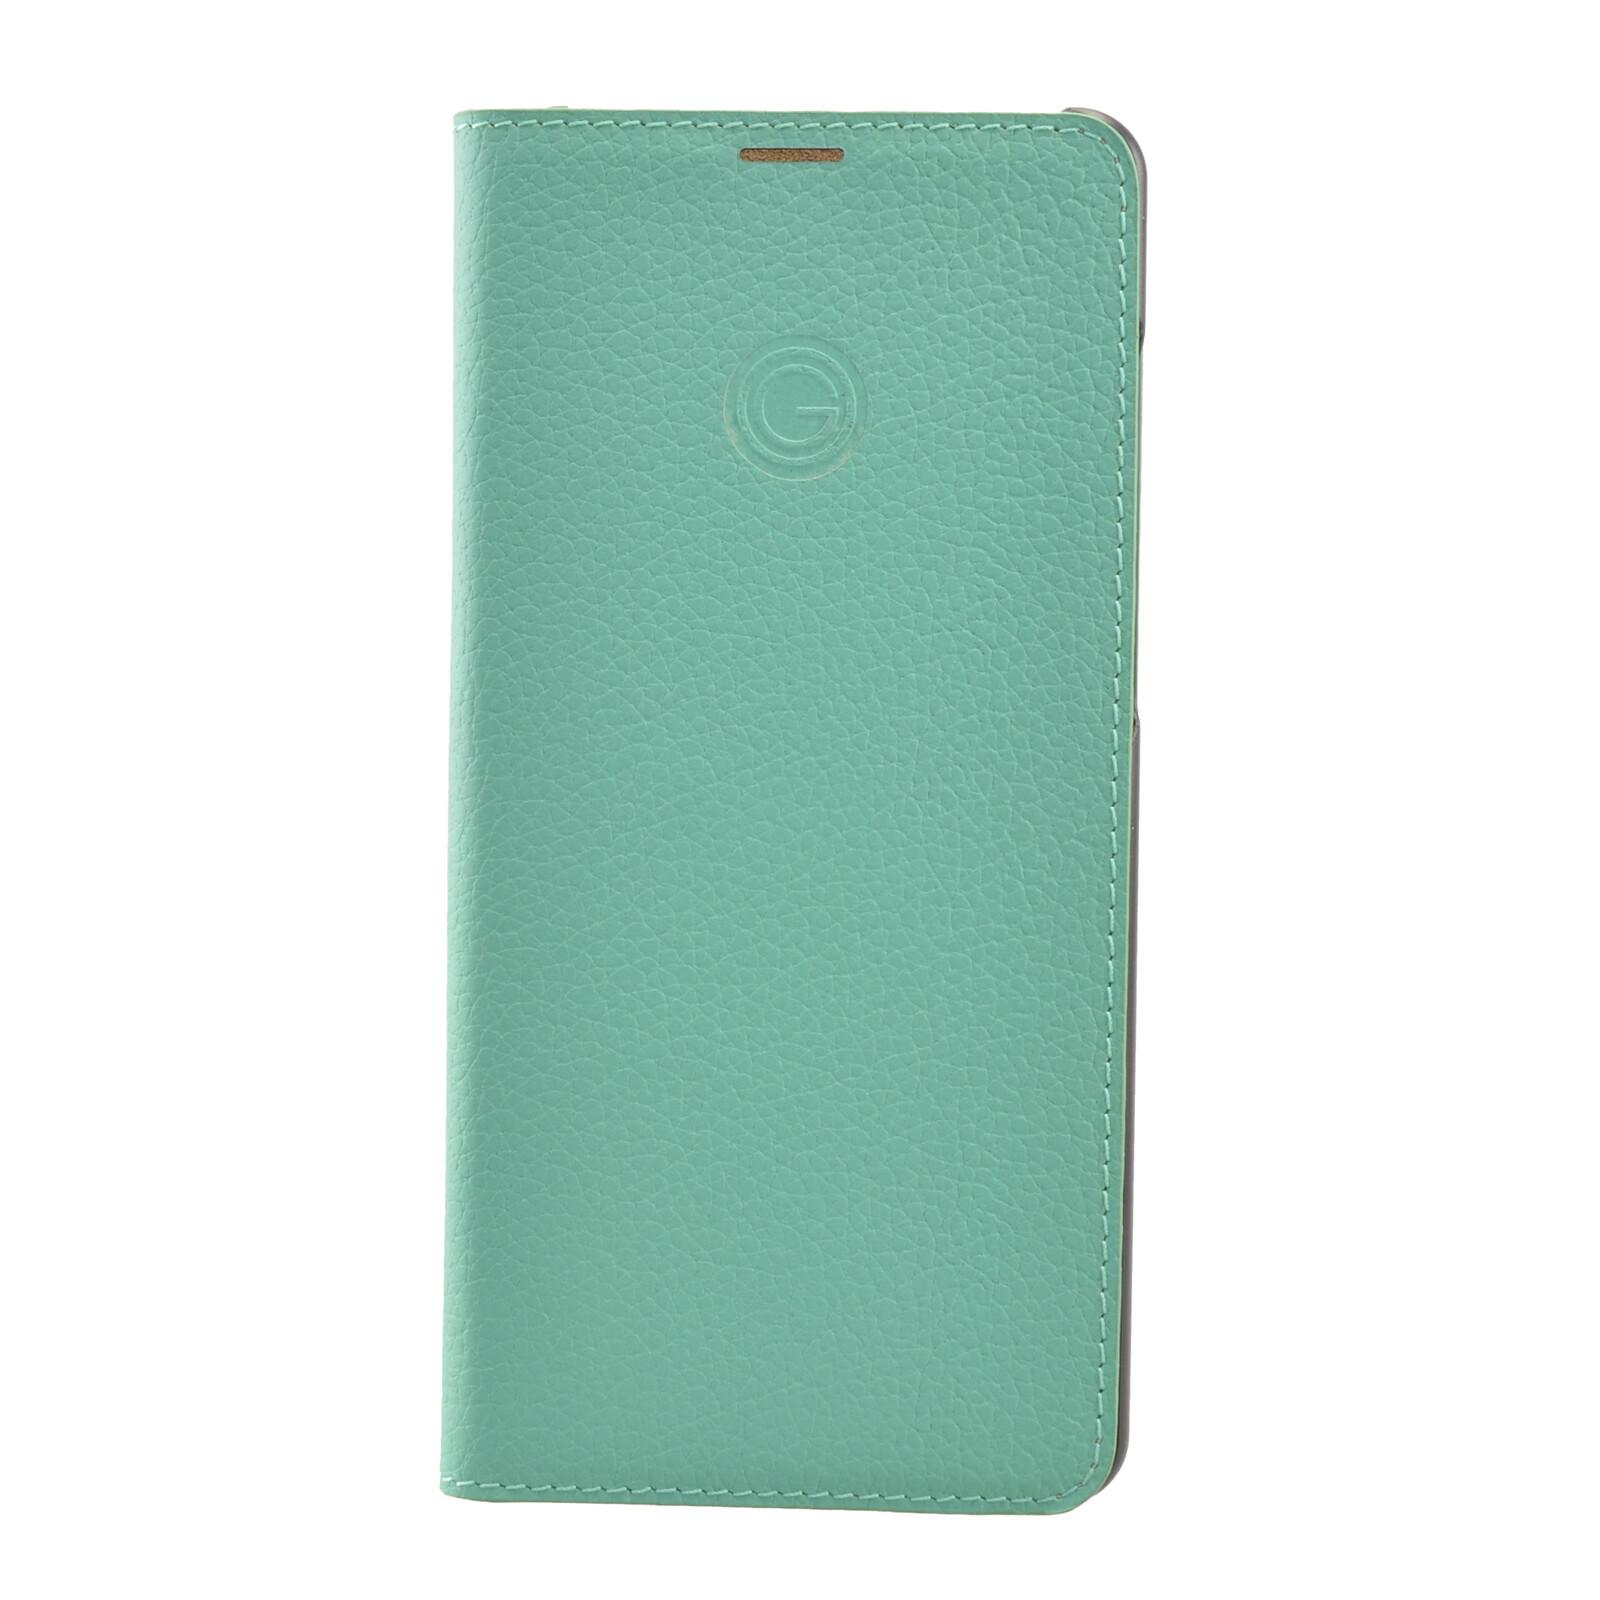 Galeli Booktasche MARC Samsung Galaxy A41 mint